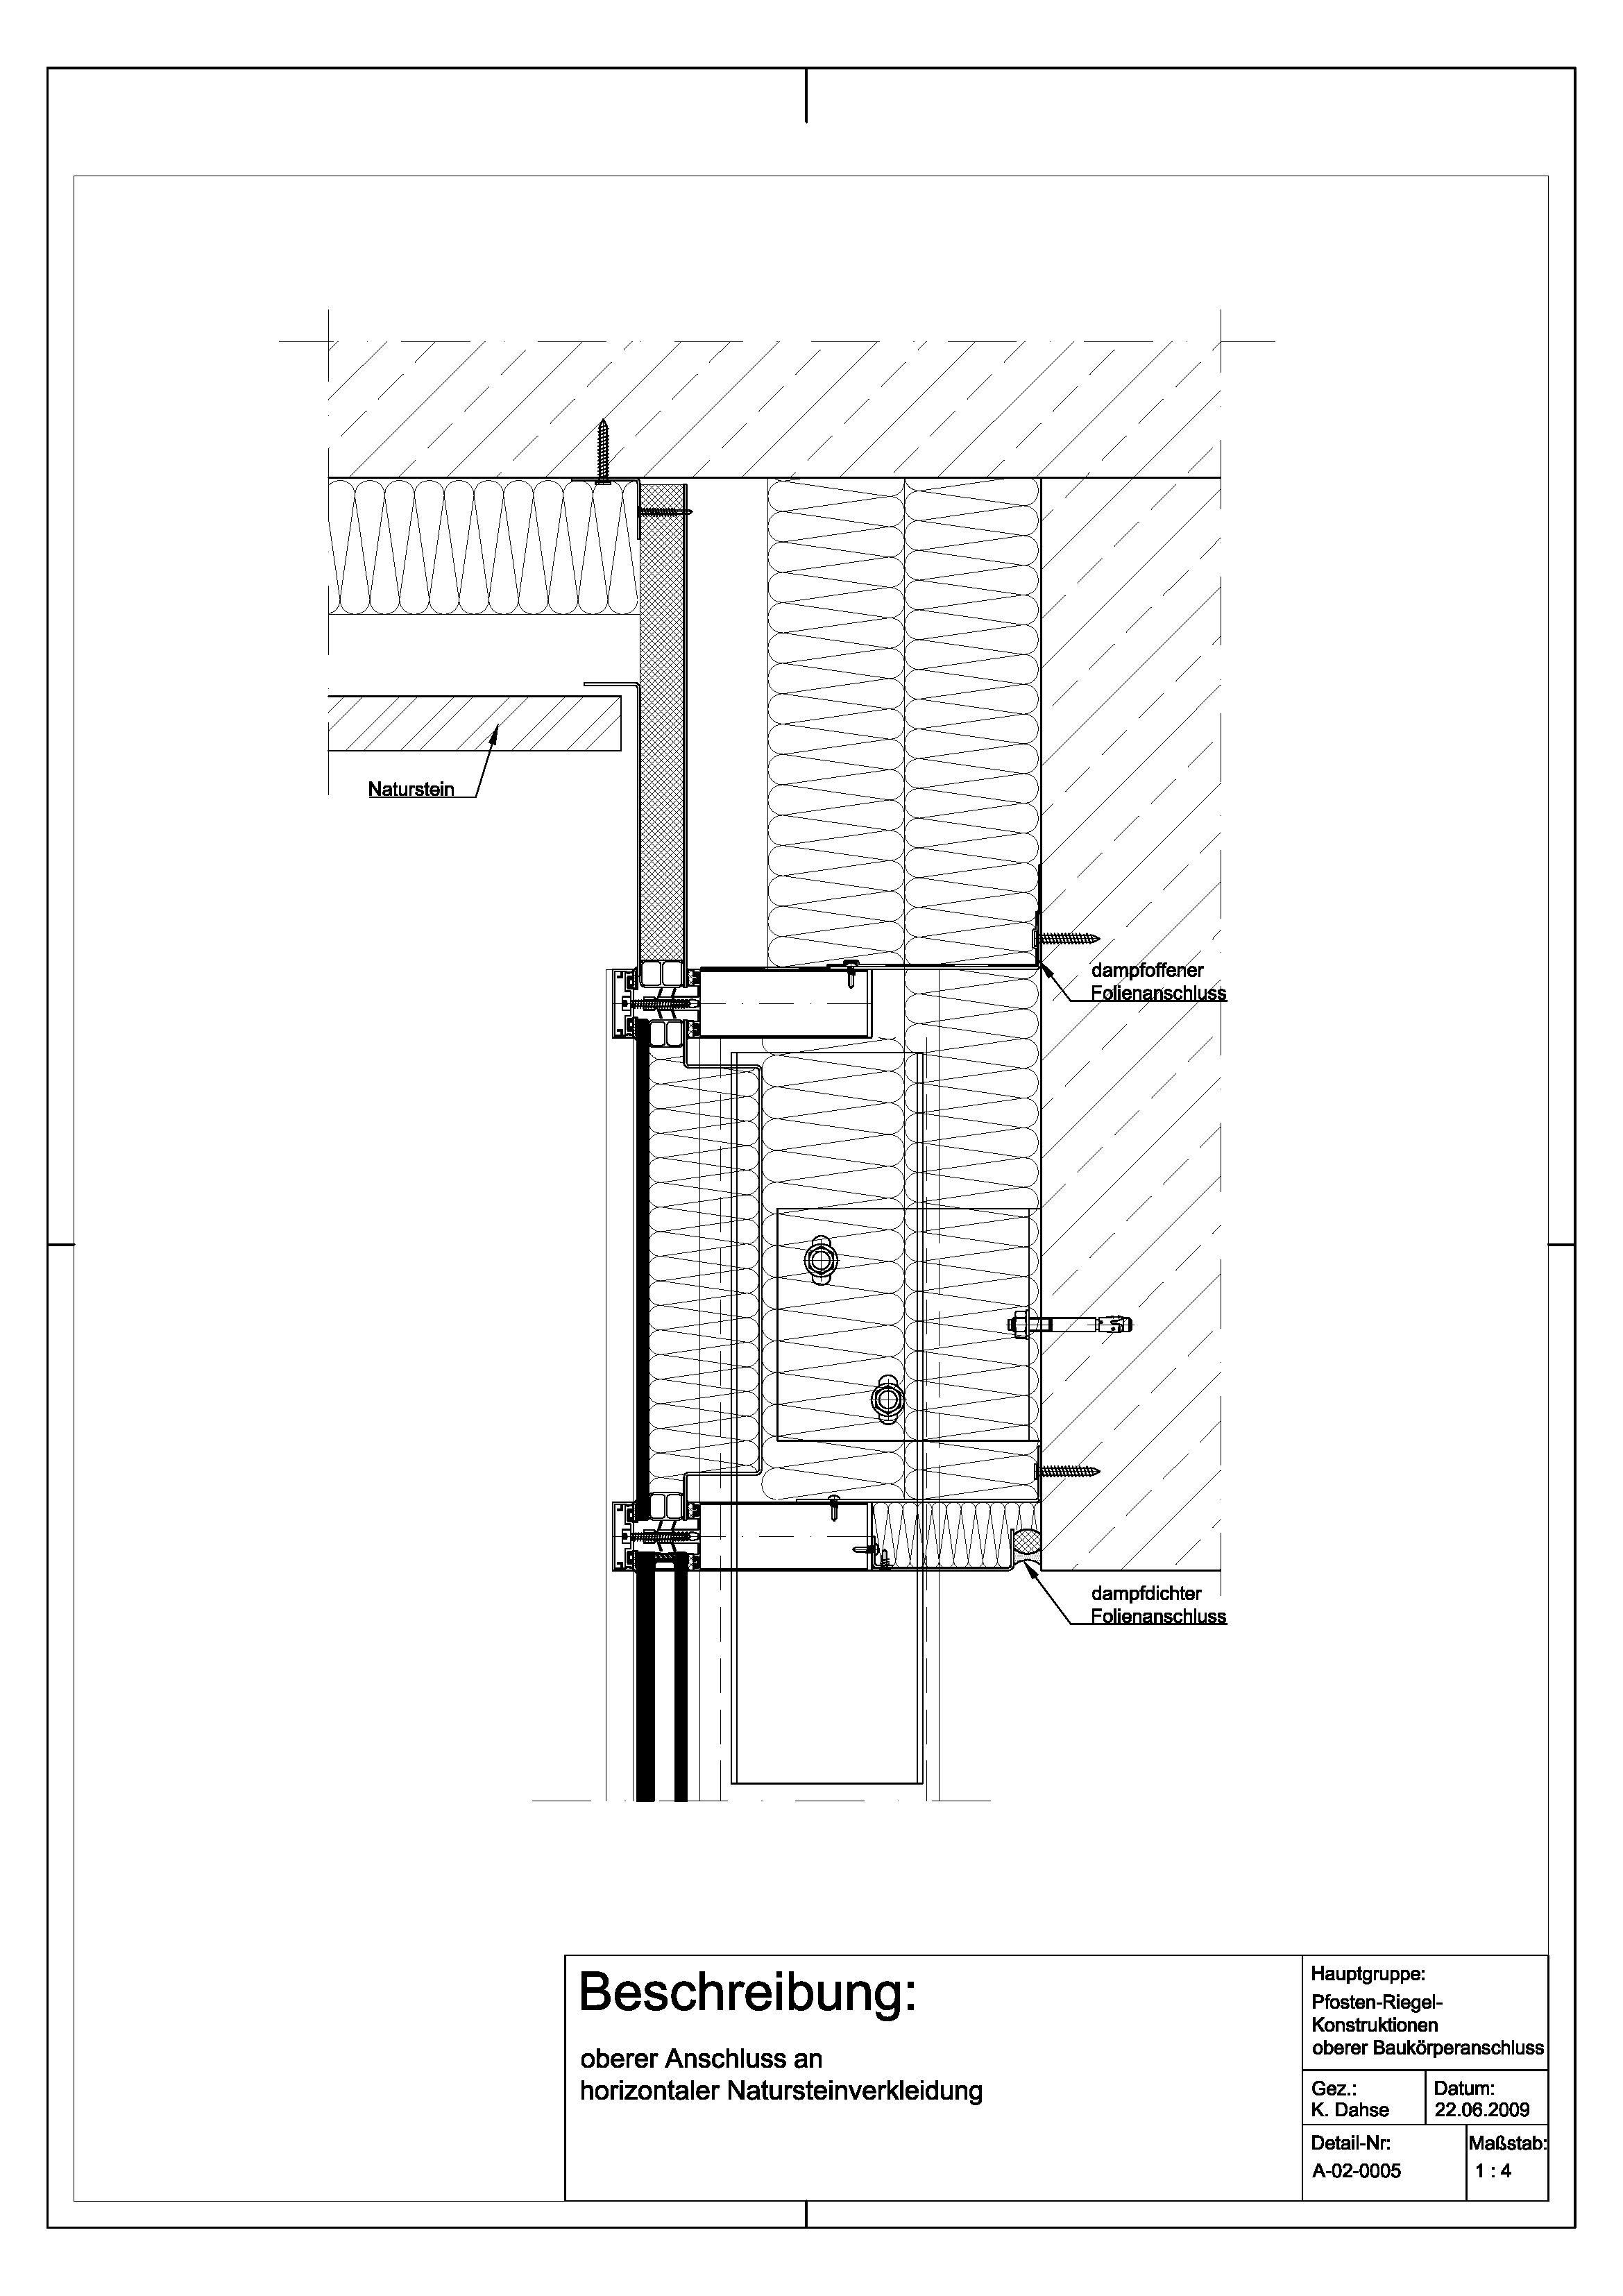 Tür detail anschluss  A-02-0005 Anschluss an horizontaler Natursteinverkleidung-A-02 ...